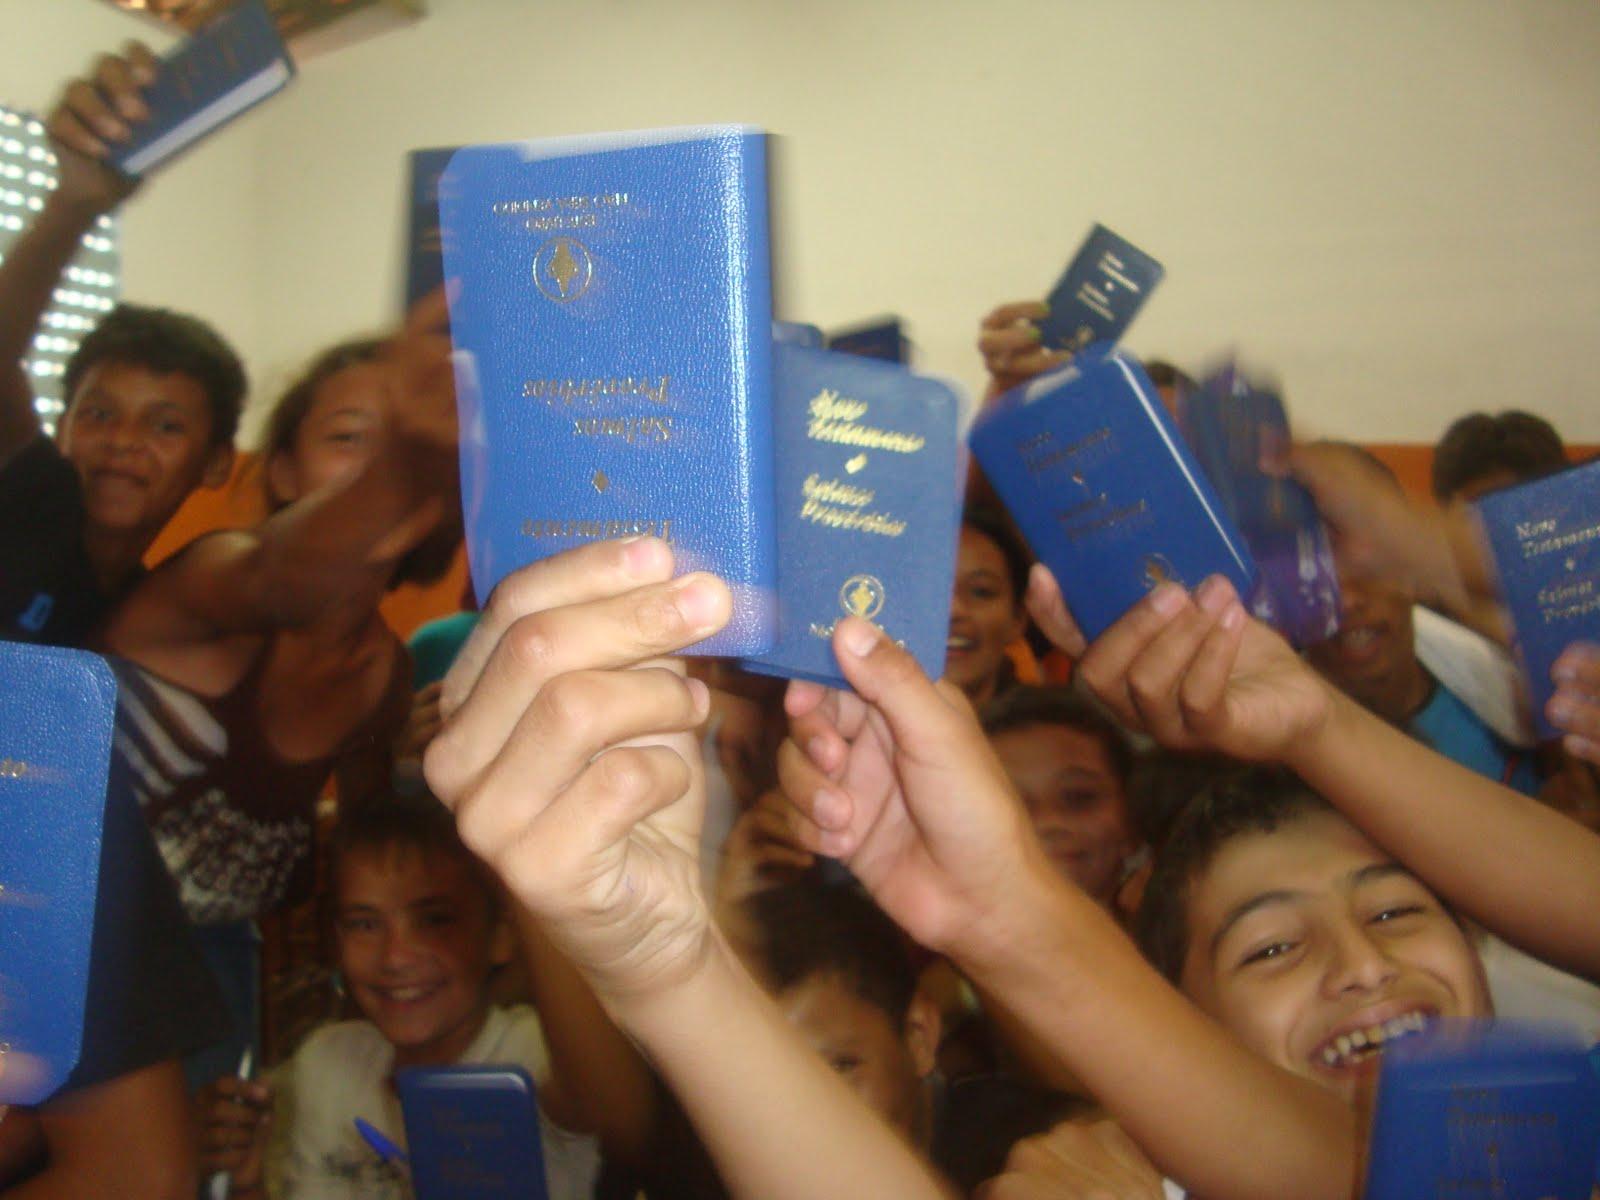 """Cristãos distribuem bíblias em local com a """"autorização de Deus"""""""